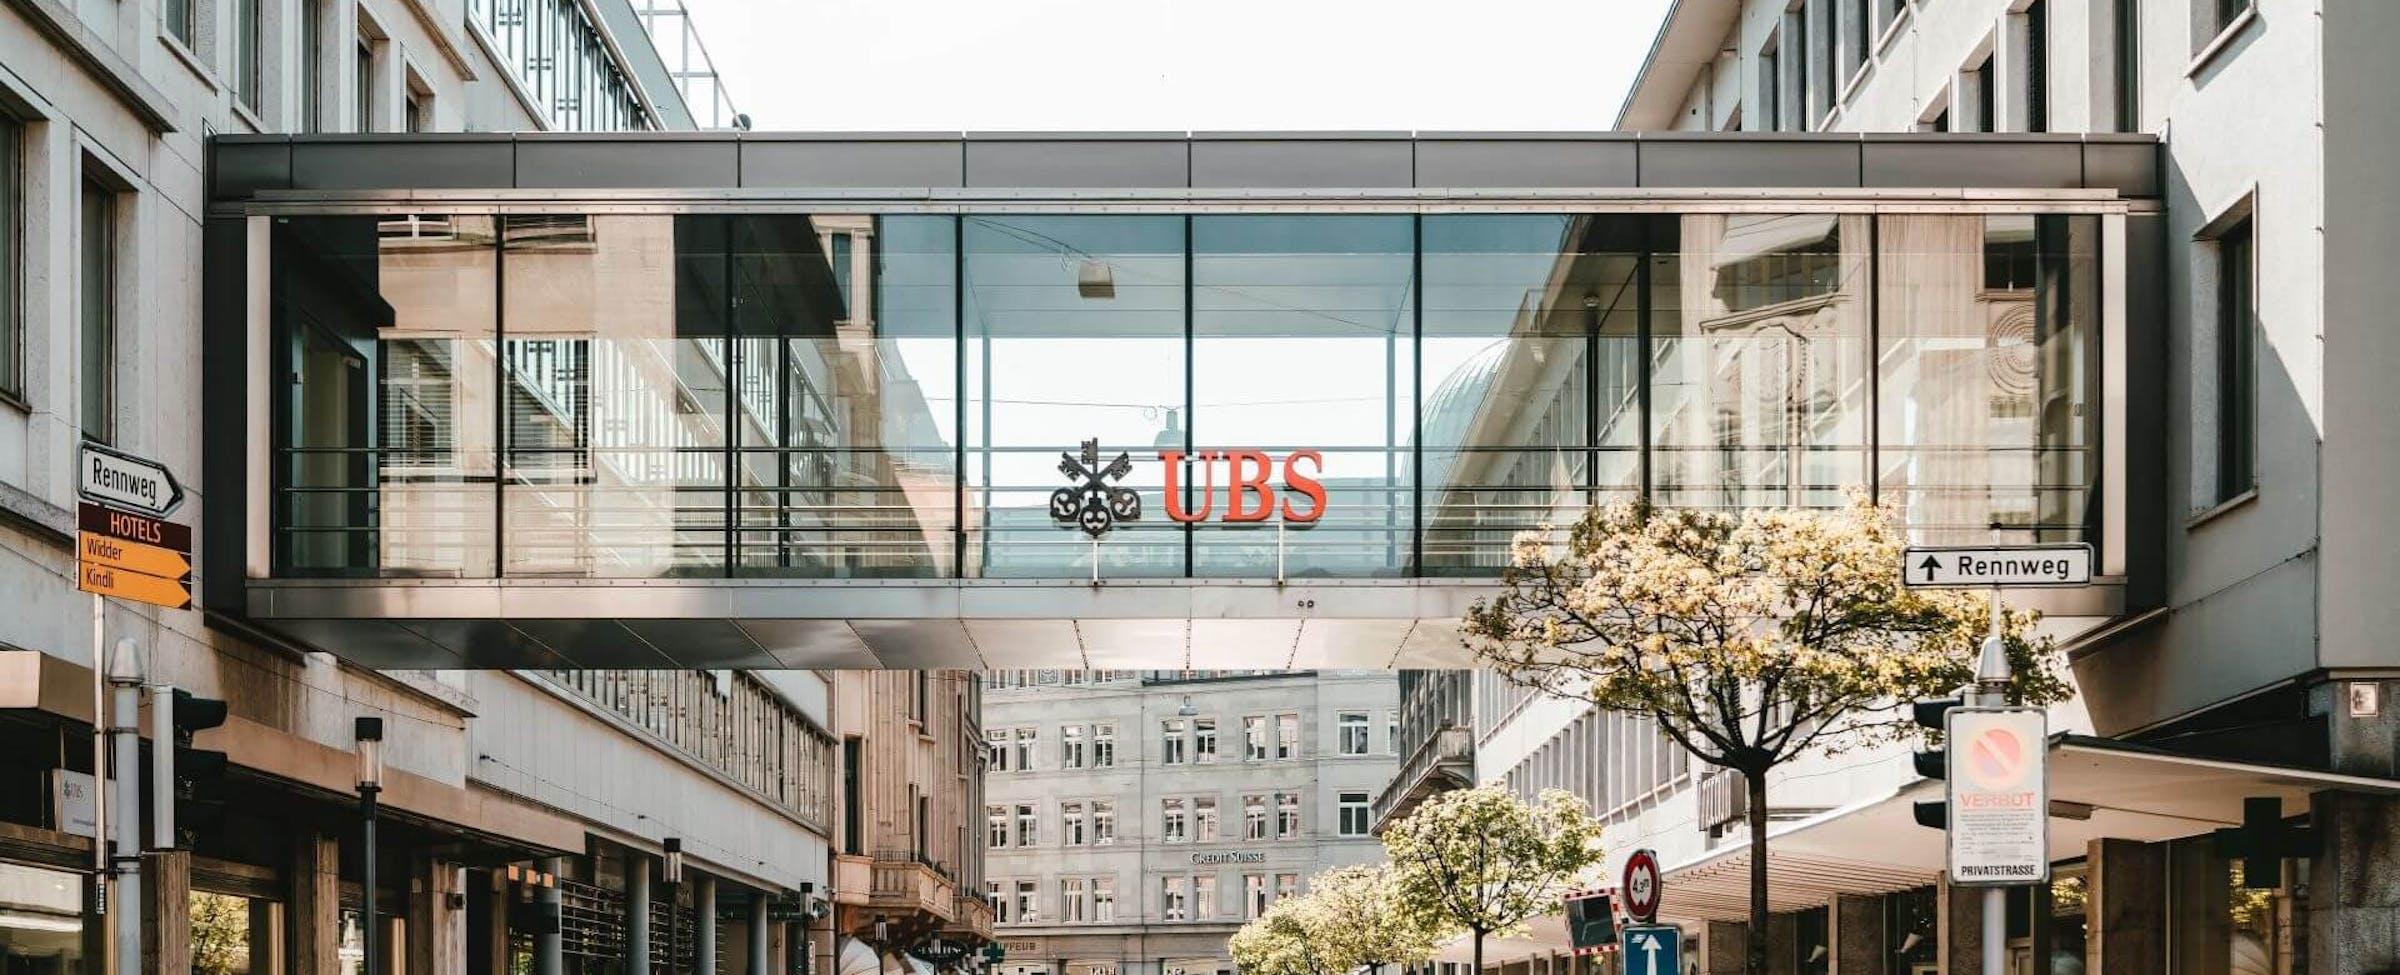 UBS Bankkonto in der Schweiz eröffnen